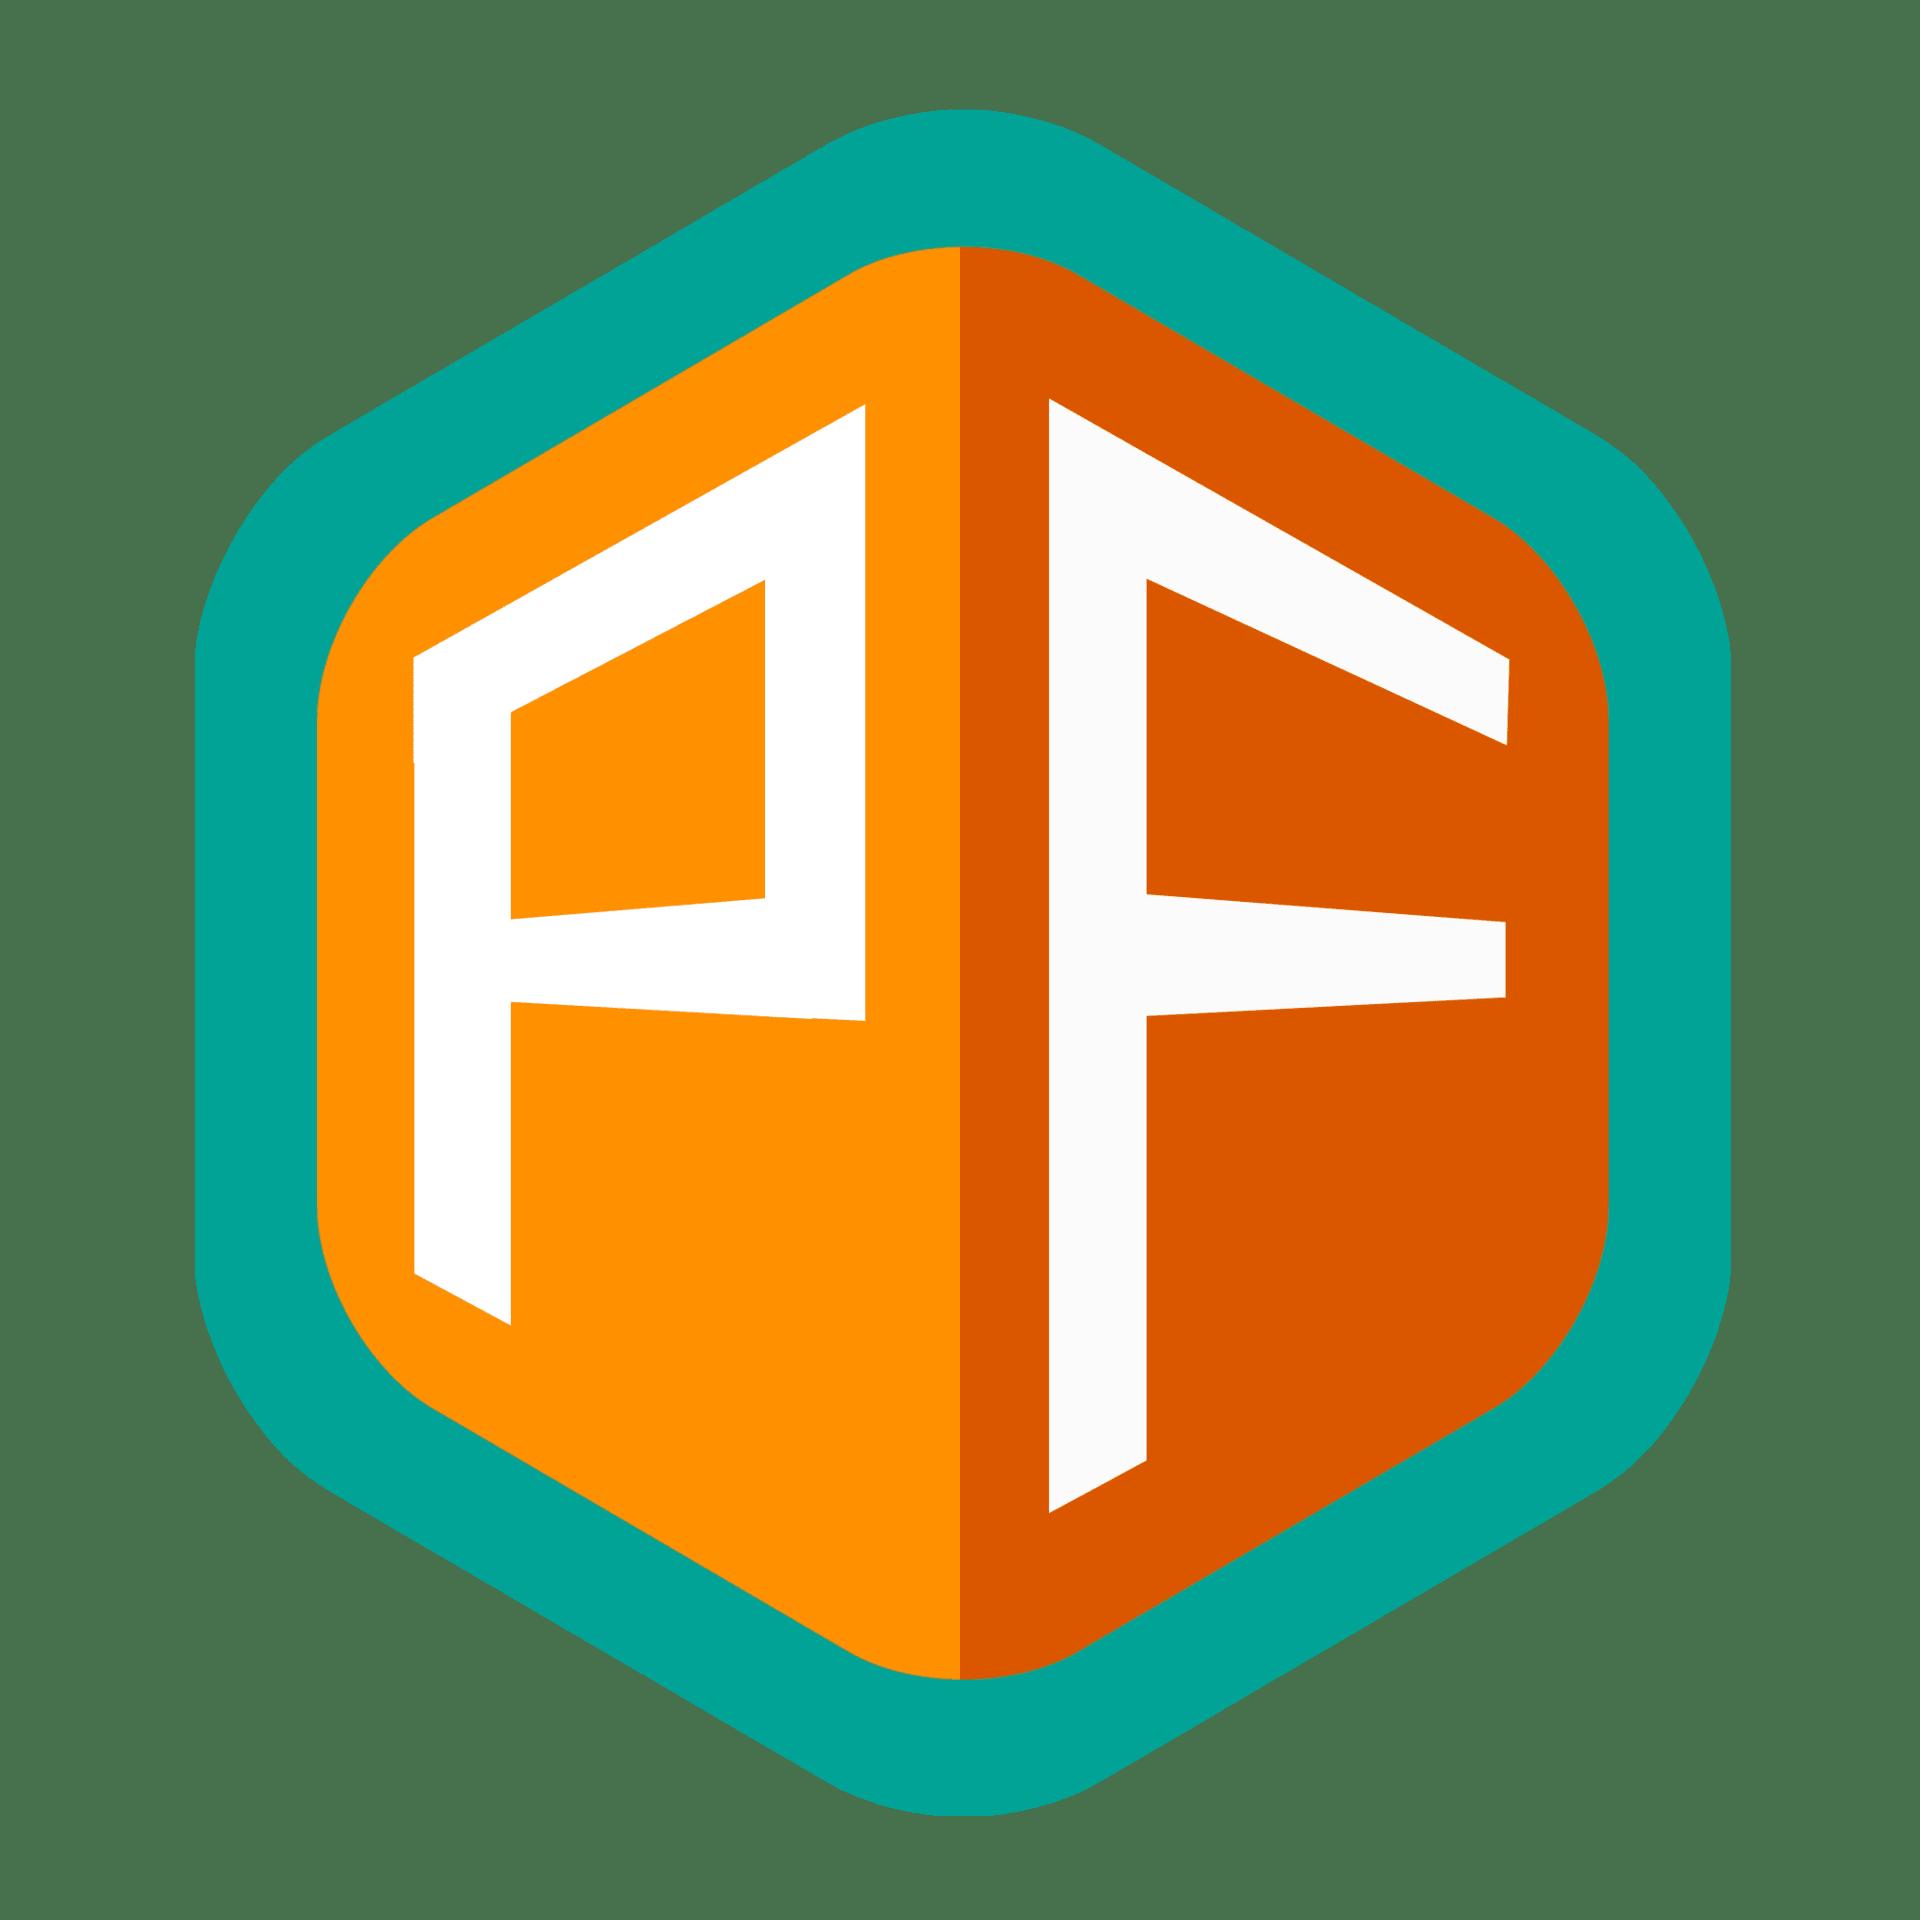 Pixel Flick